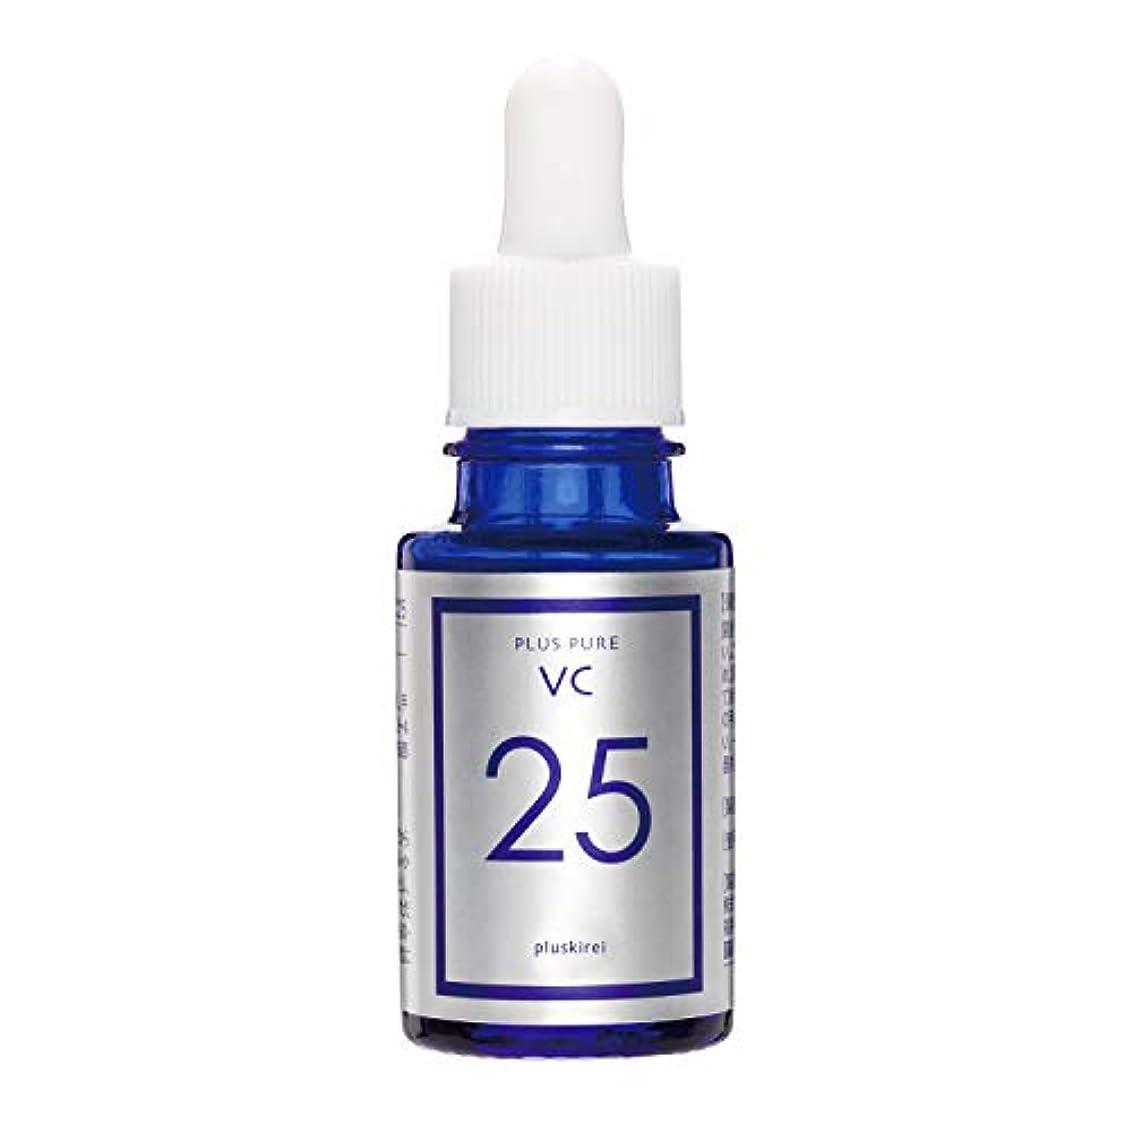 陪審魔術師靴下ビタミンC 美容液 プラスキレイ プラスピュアVC25 ピュアビタミンC25%配合 両親媒性美容液 (10mL(約1ケ月分))